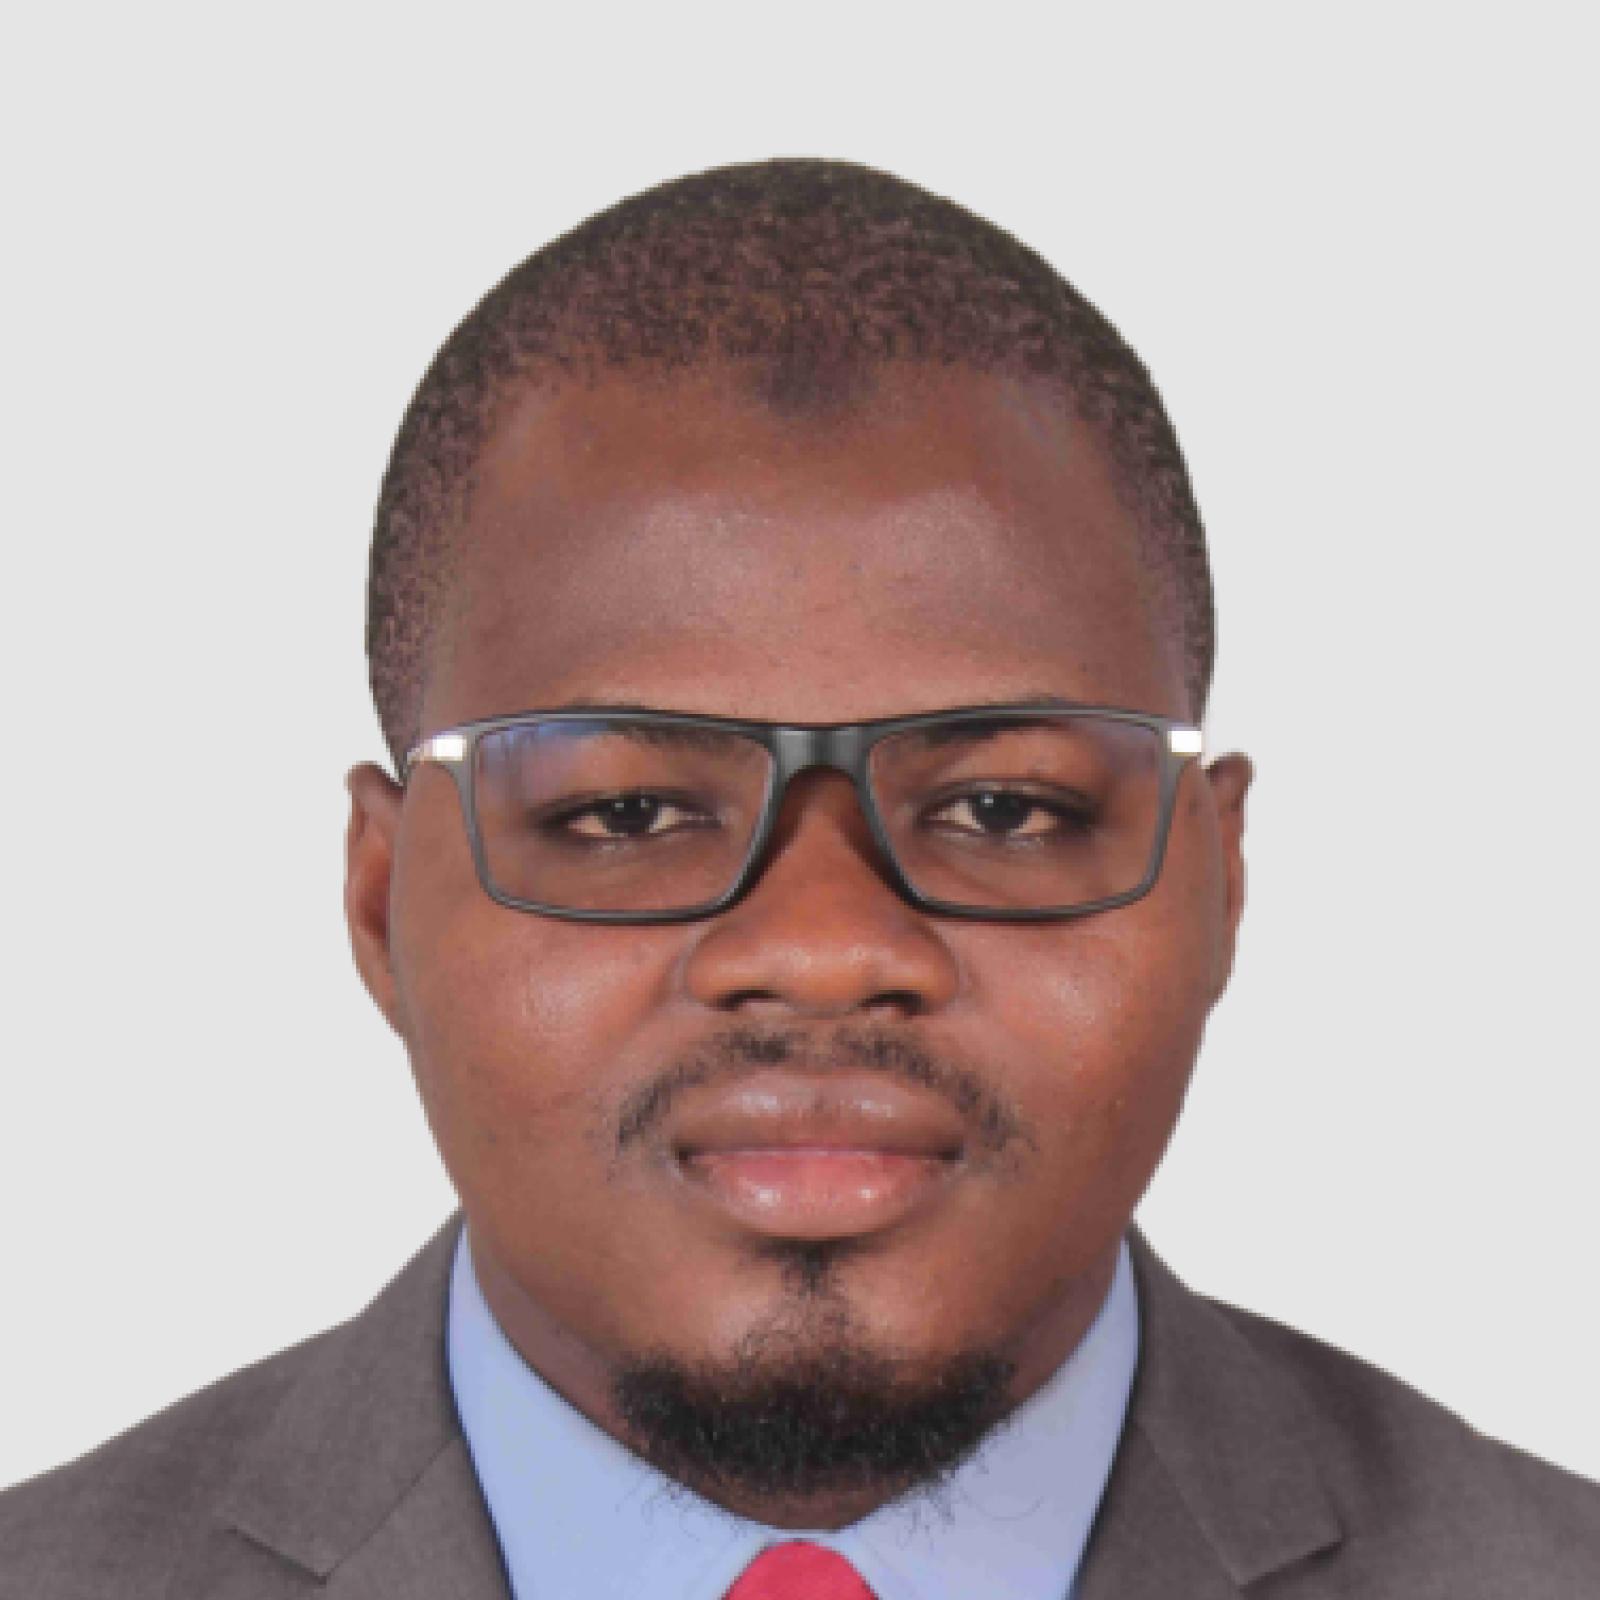 Abdoul Bassit Sawadogo